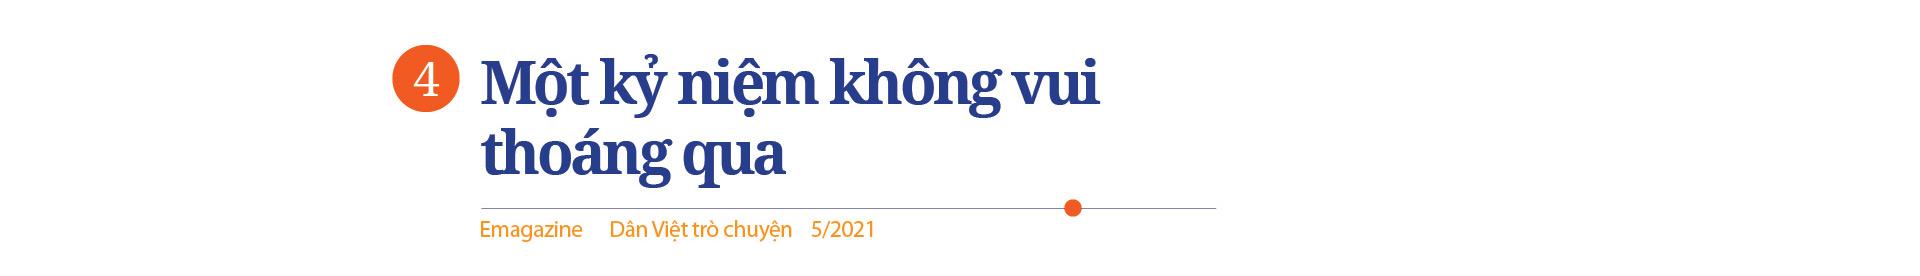 Ông Dương Trung Quốc chia sẻ những chuyện ít người biết sau 20 năm gắn bó nghị trường - Ảnh 7.